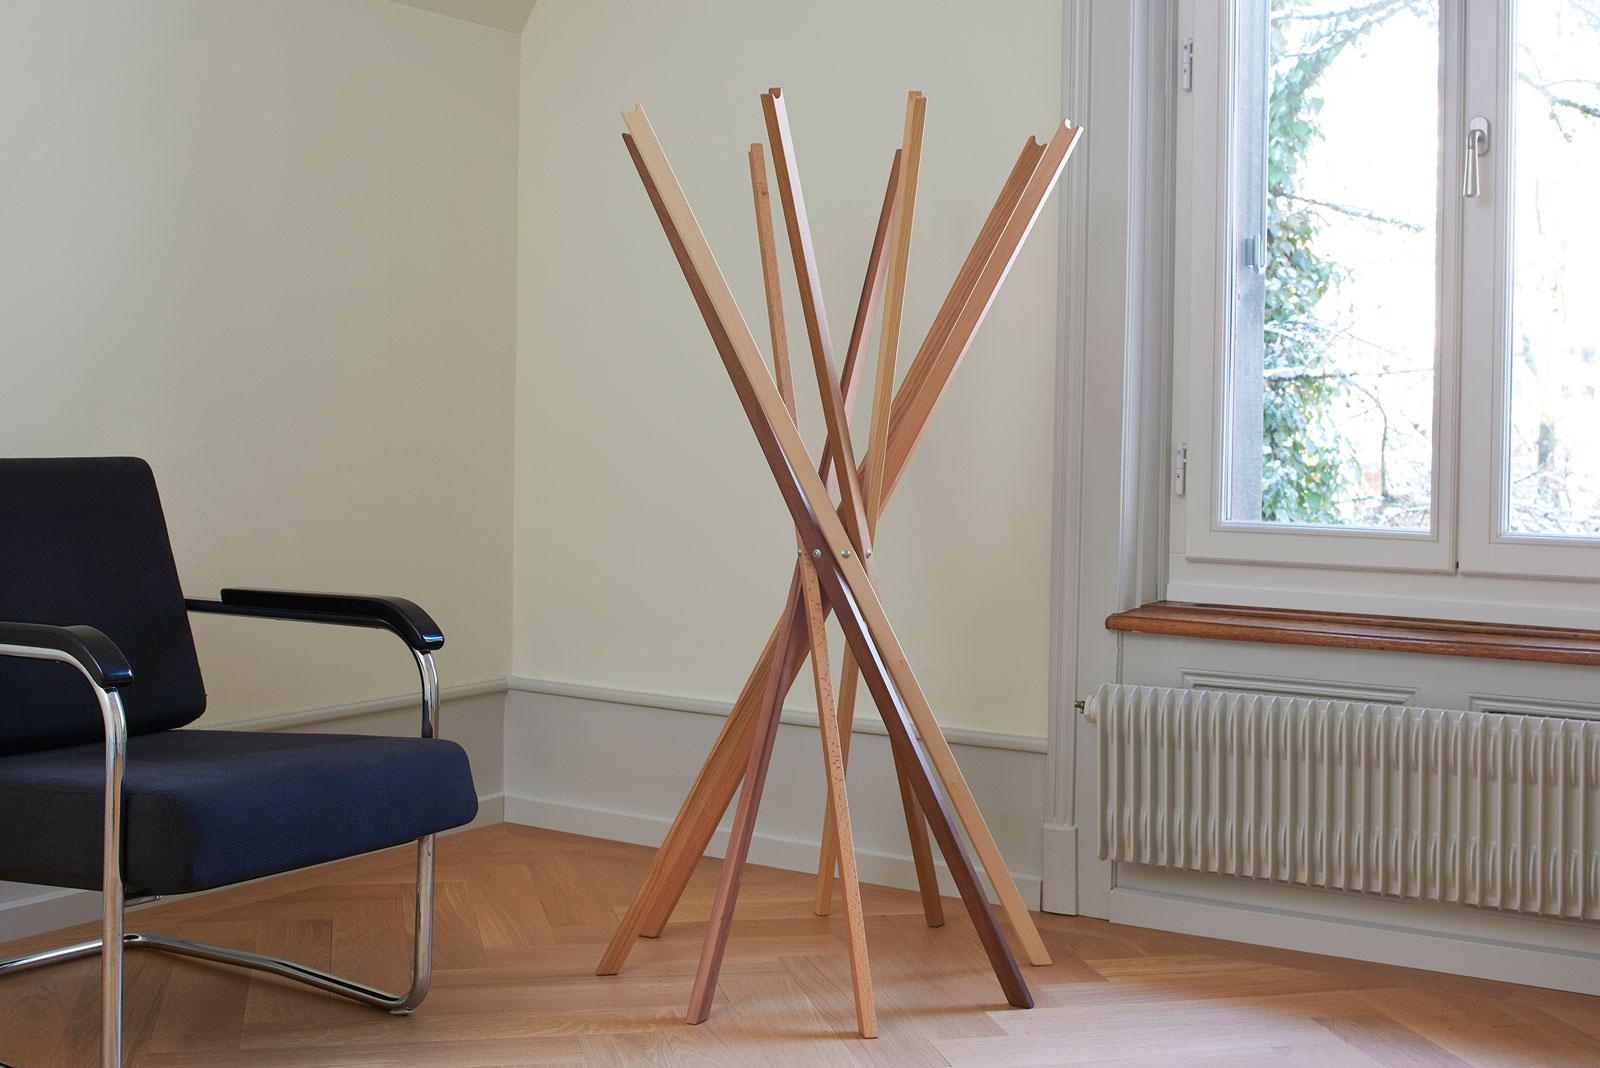 """Garderobenständer """"Packesel"""" in Eiche massiv; Design Schreiner König, Foto Alain Bucher"""